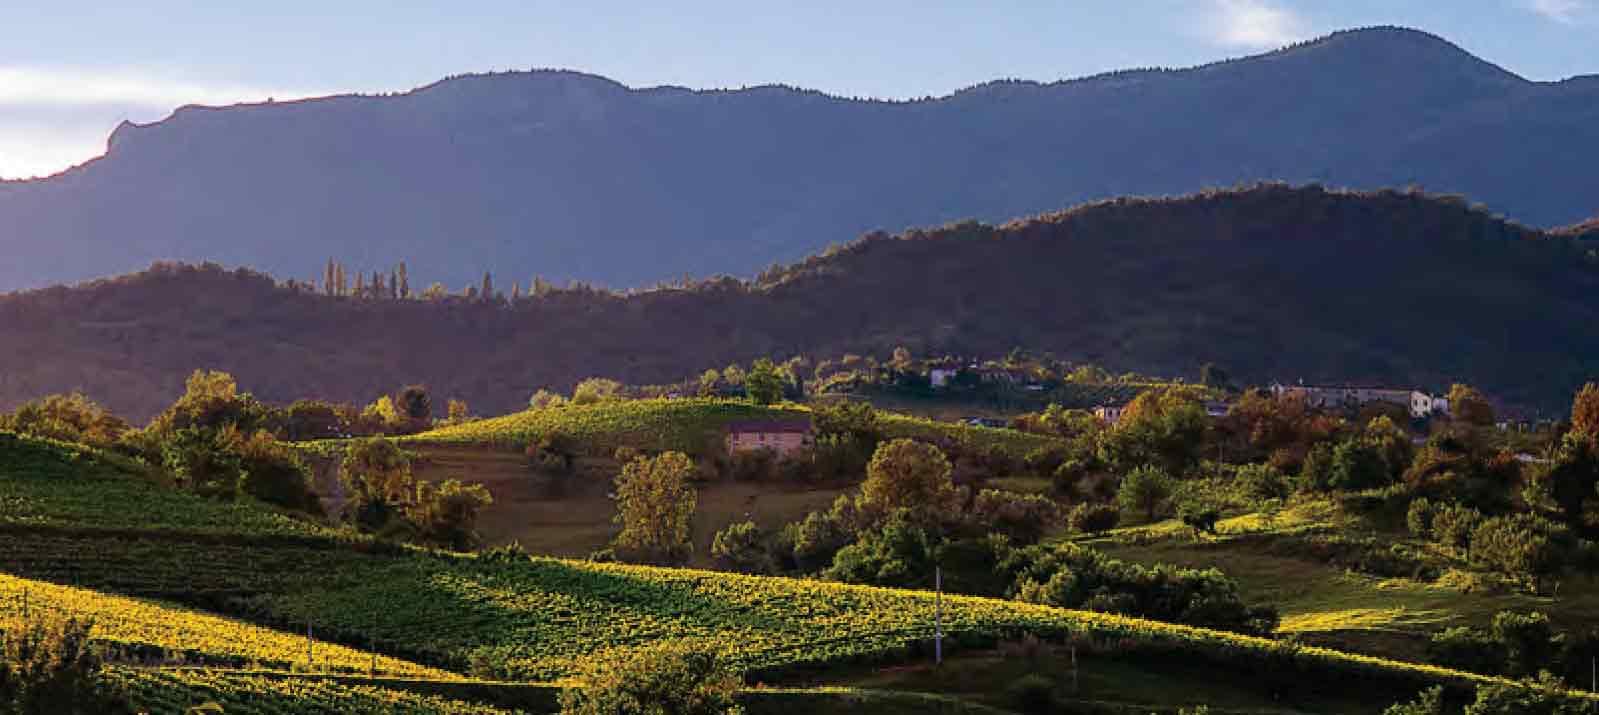 ProseccoShire, un progetto sensoriale per conoscere le colline candidate patrimonio UNESCO